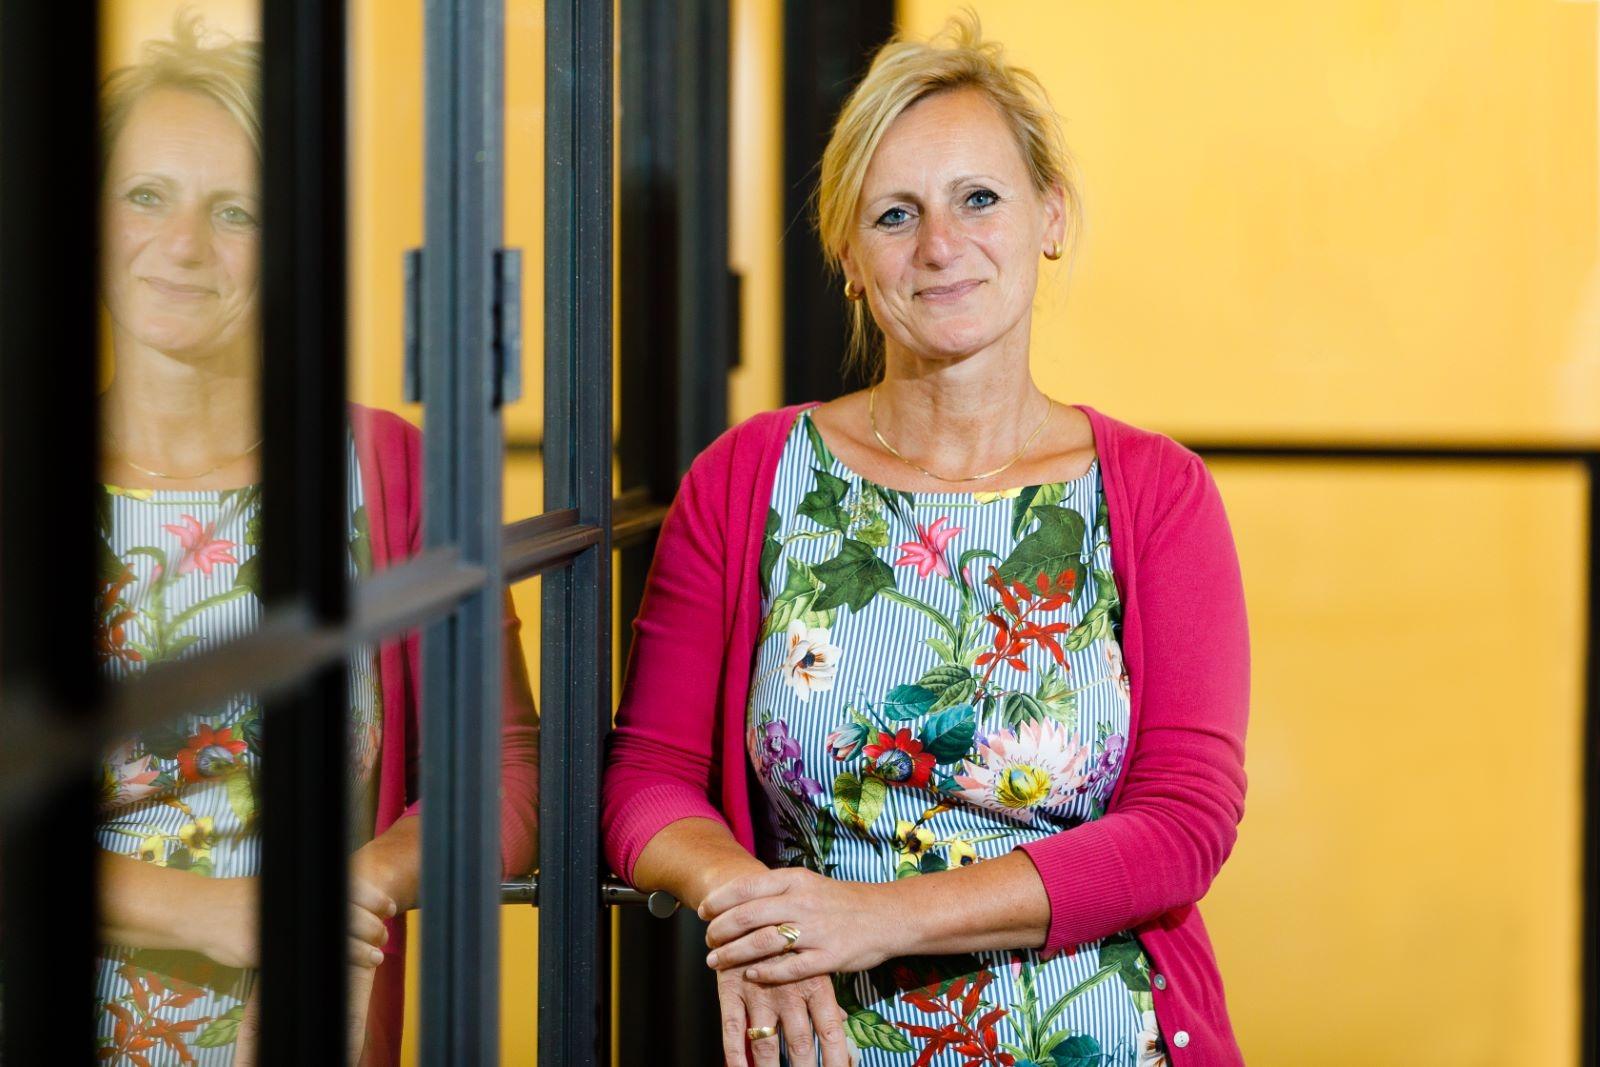 Doesburgse wethouder van Veldhuizen roept op tot sporten